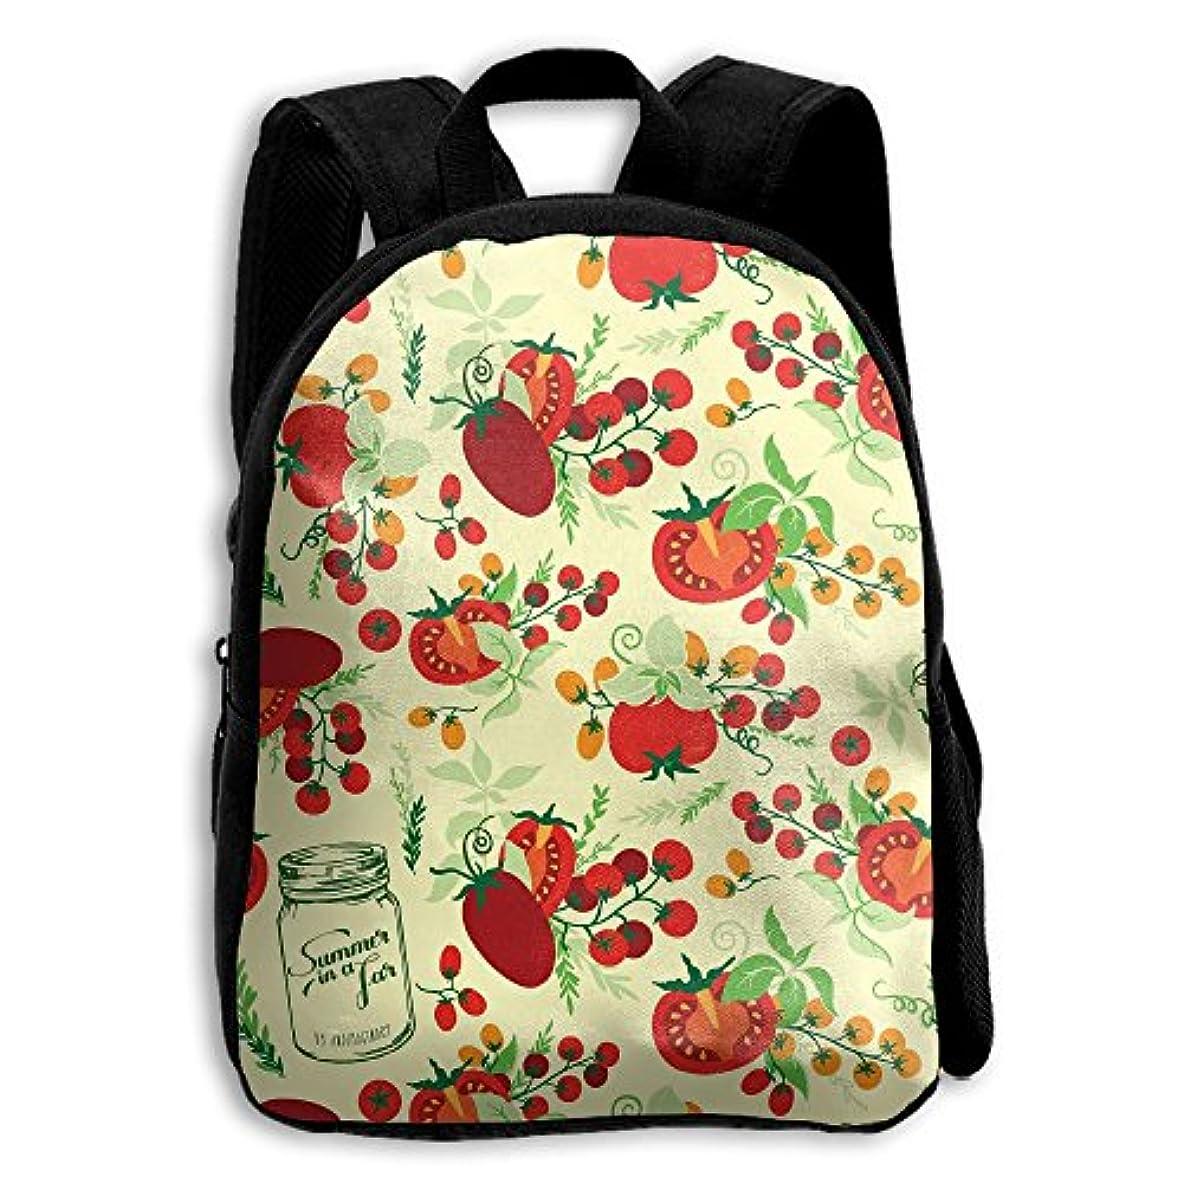 彼女の飼い慣らす音節キッズ バックパック 子供用 リュックサック 果物トマト ショルダー デイパック アウトドア 男の子 女の子 通学 旅行 遠足